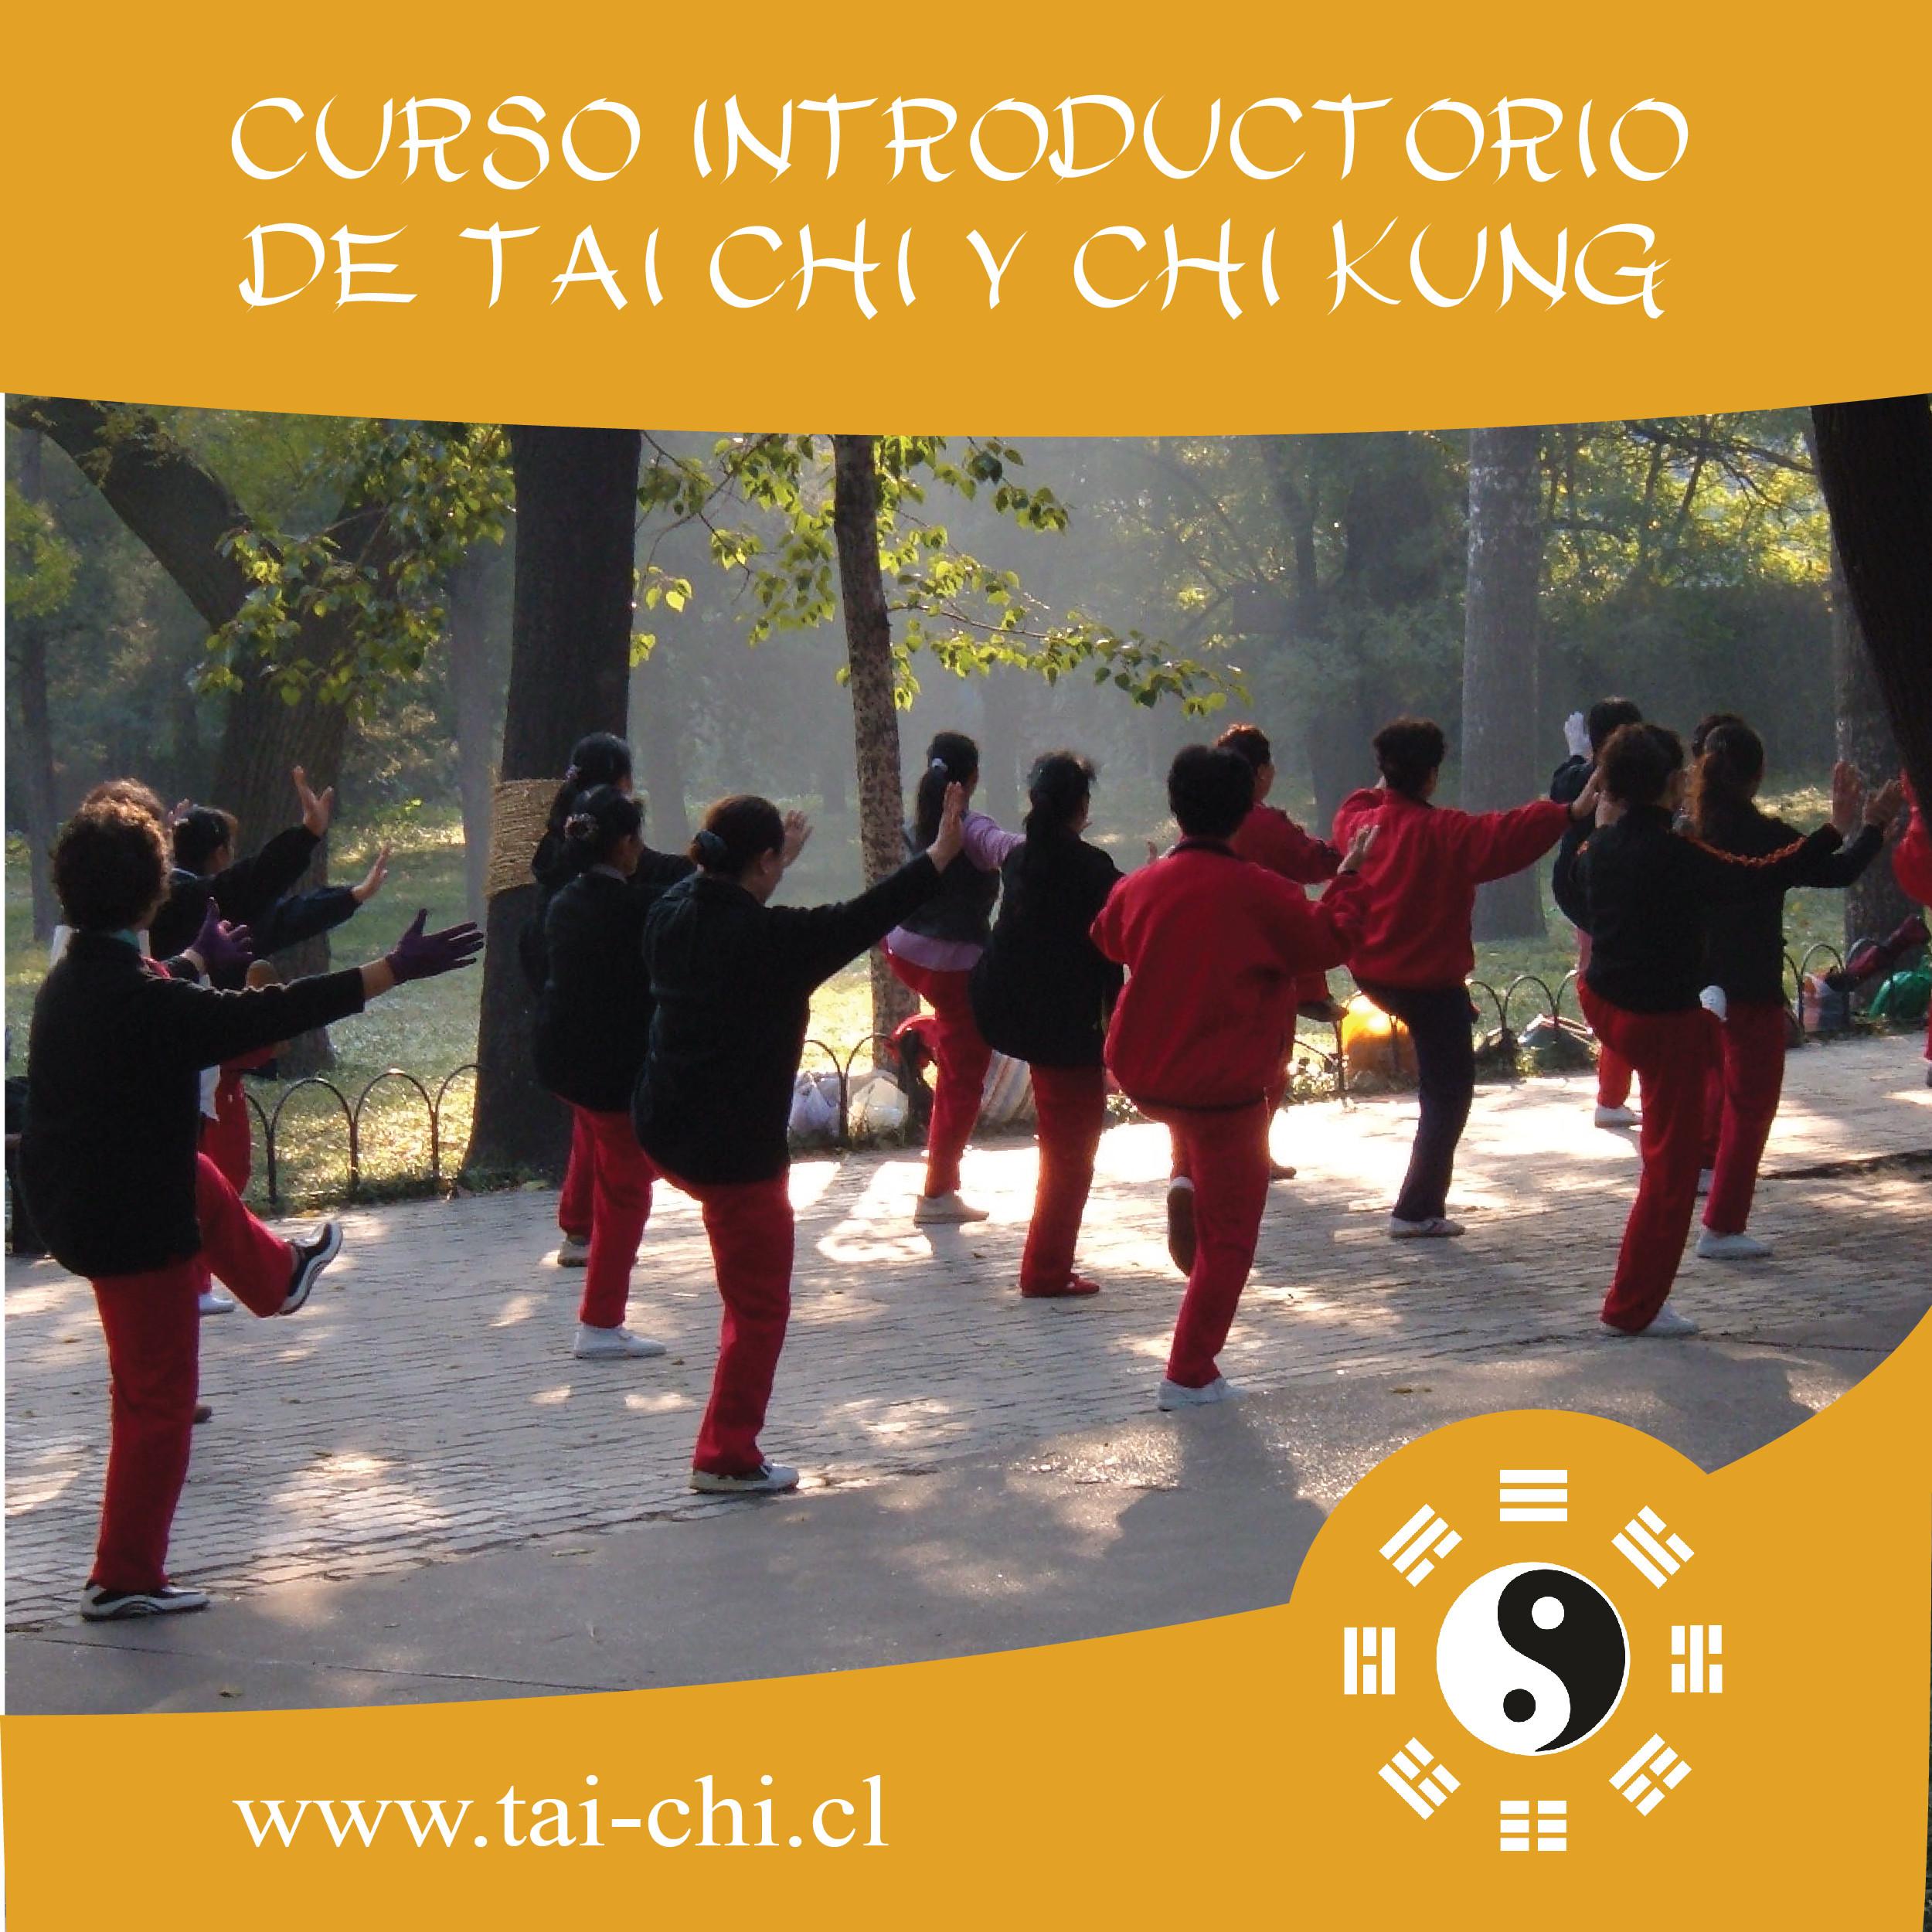 CURSO INTRODUCTORIO TAI CHI Y CHI KUNG